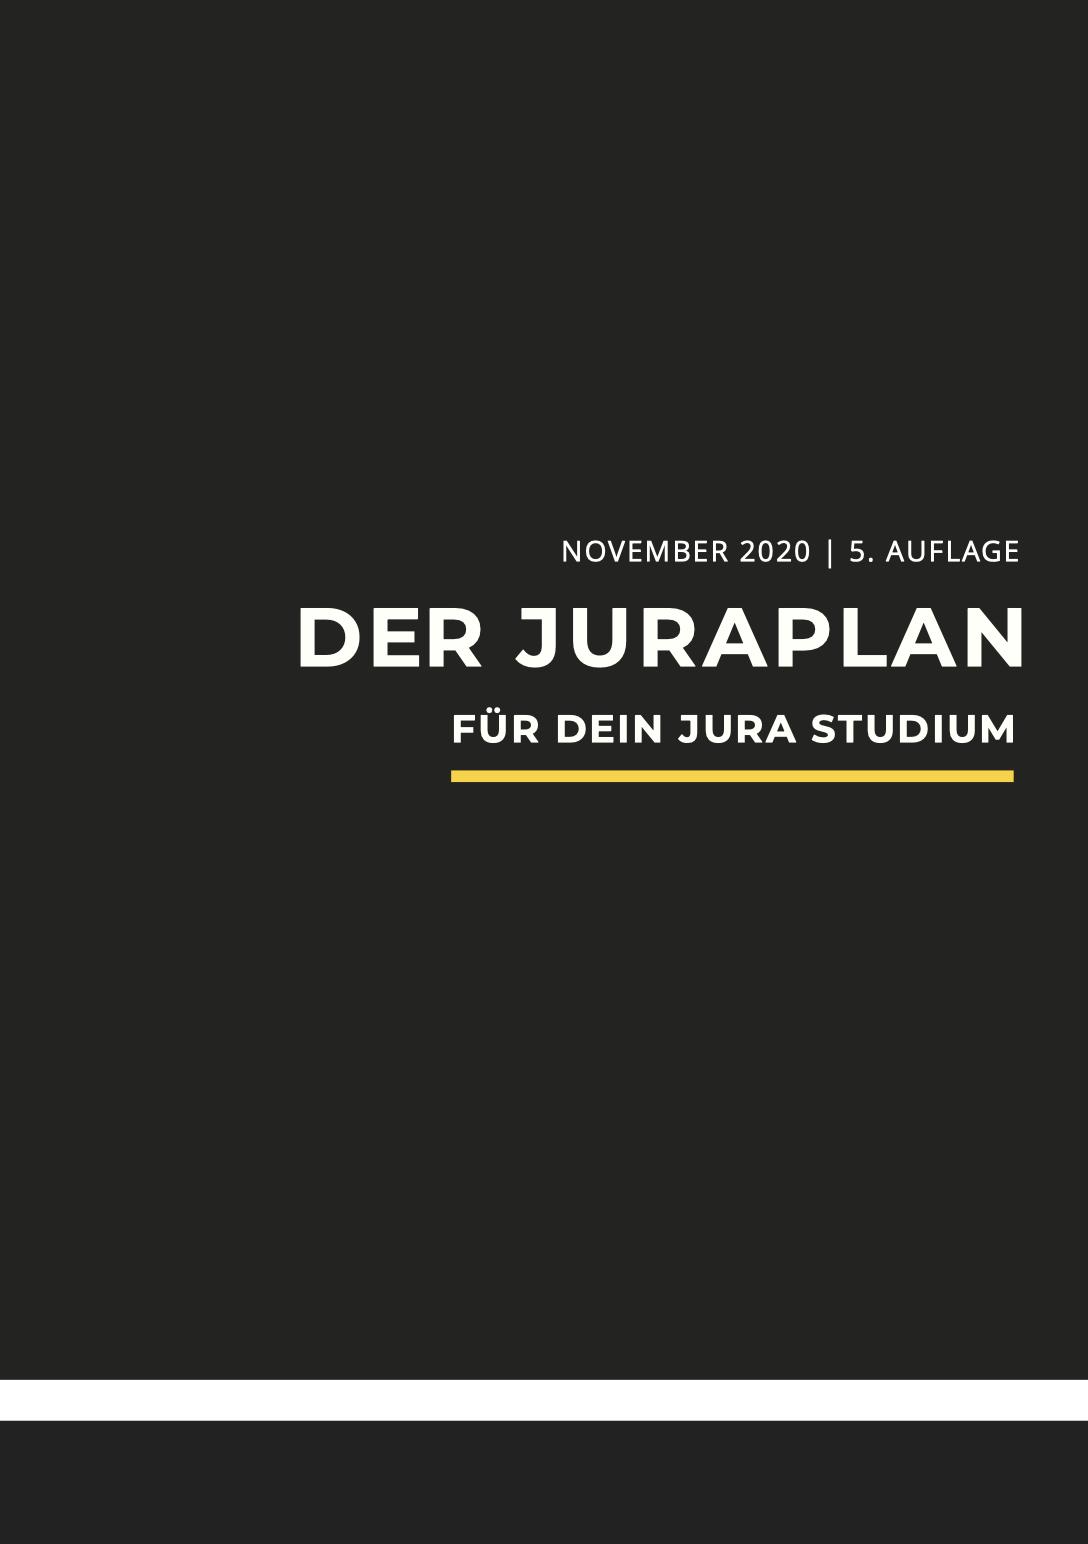 Juraplan, 5. Auflage.